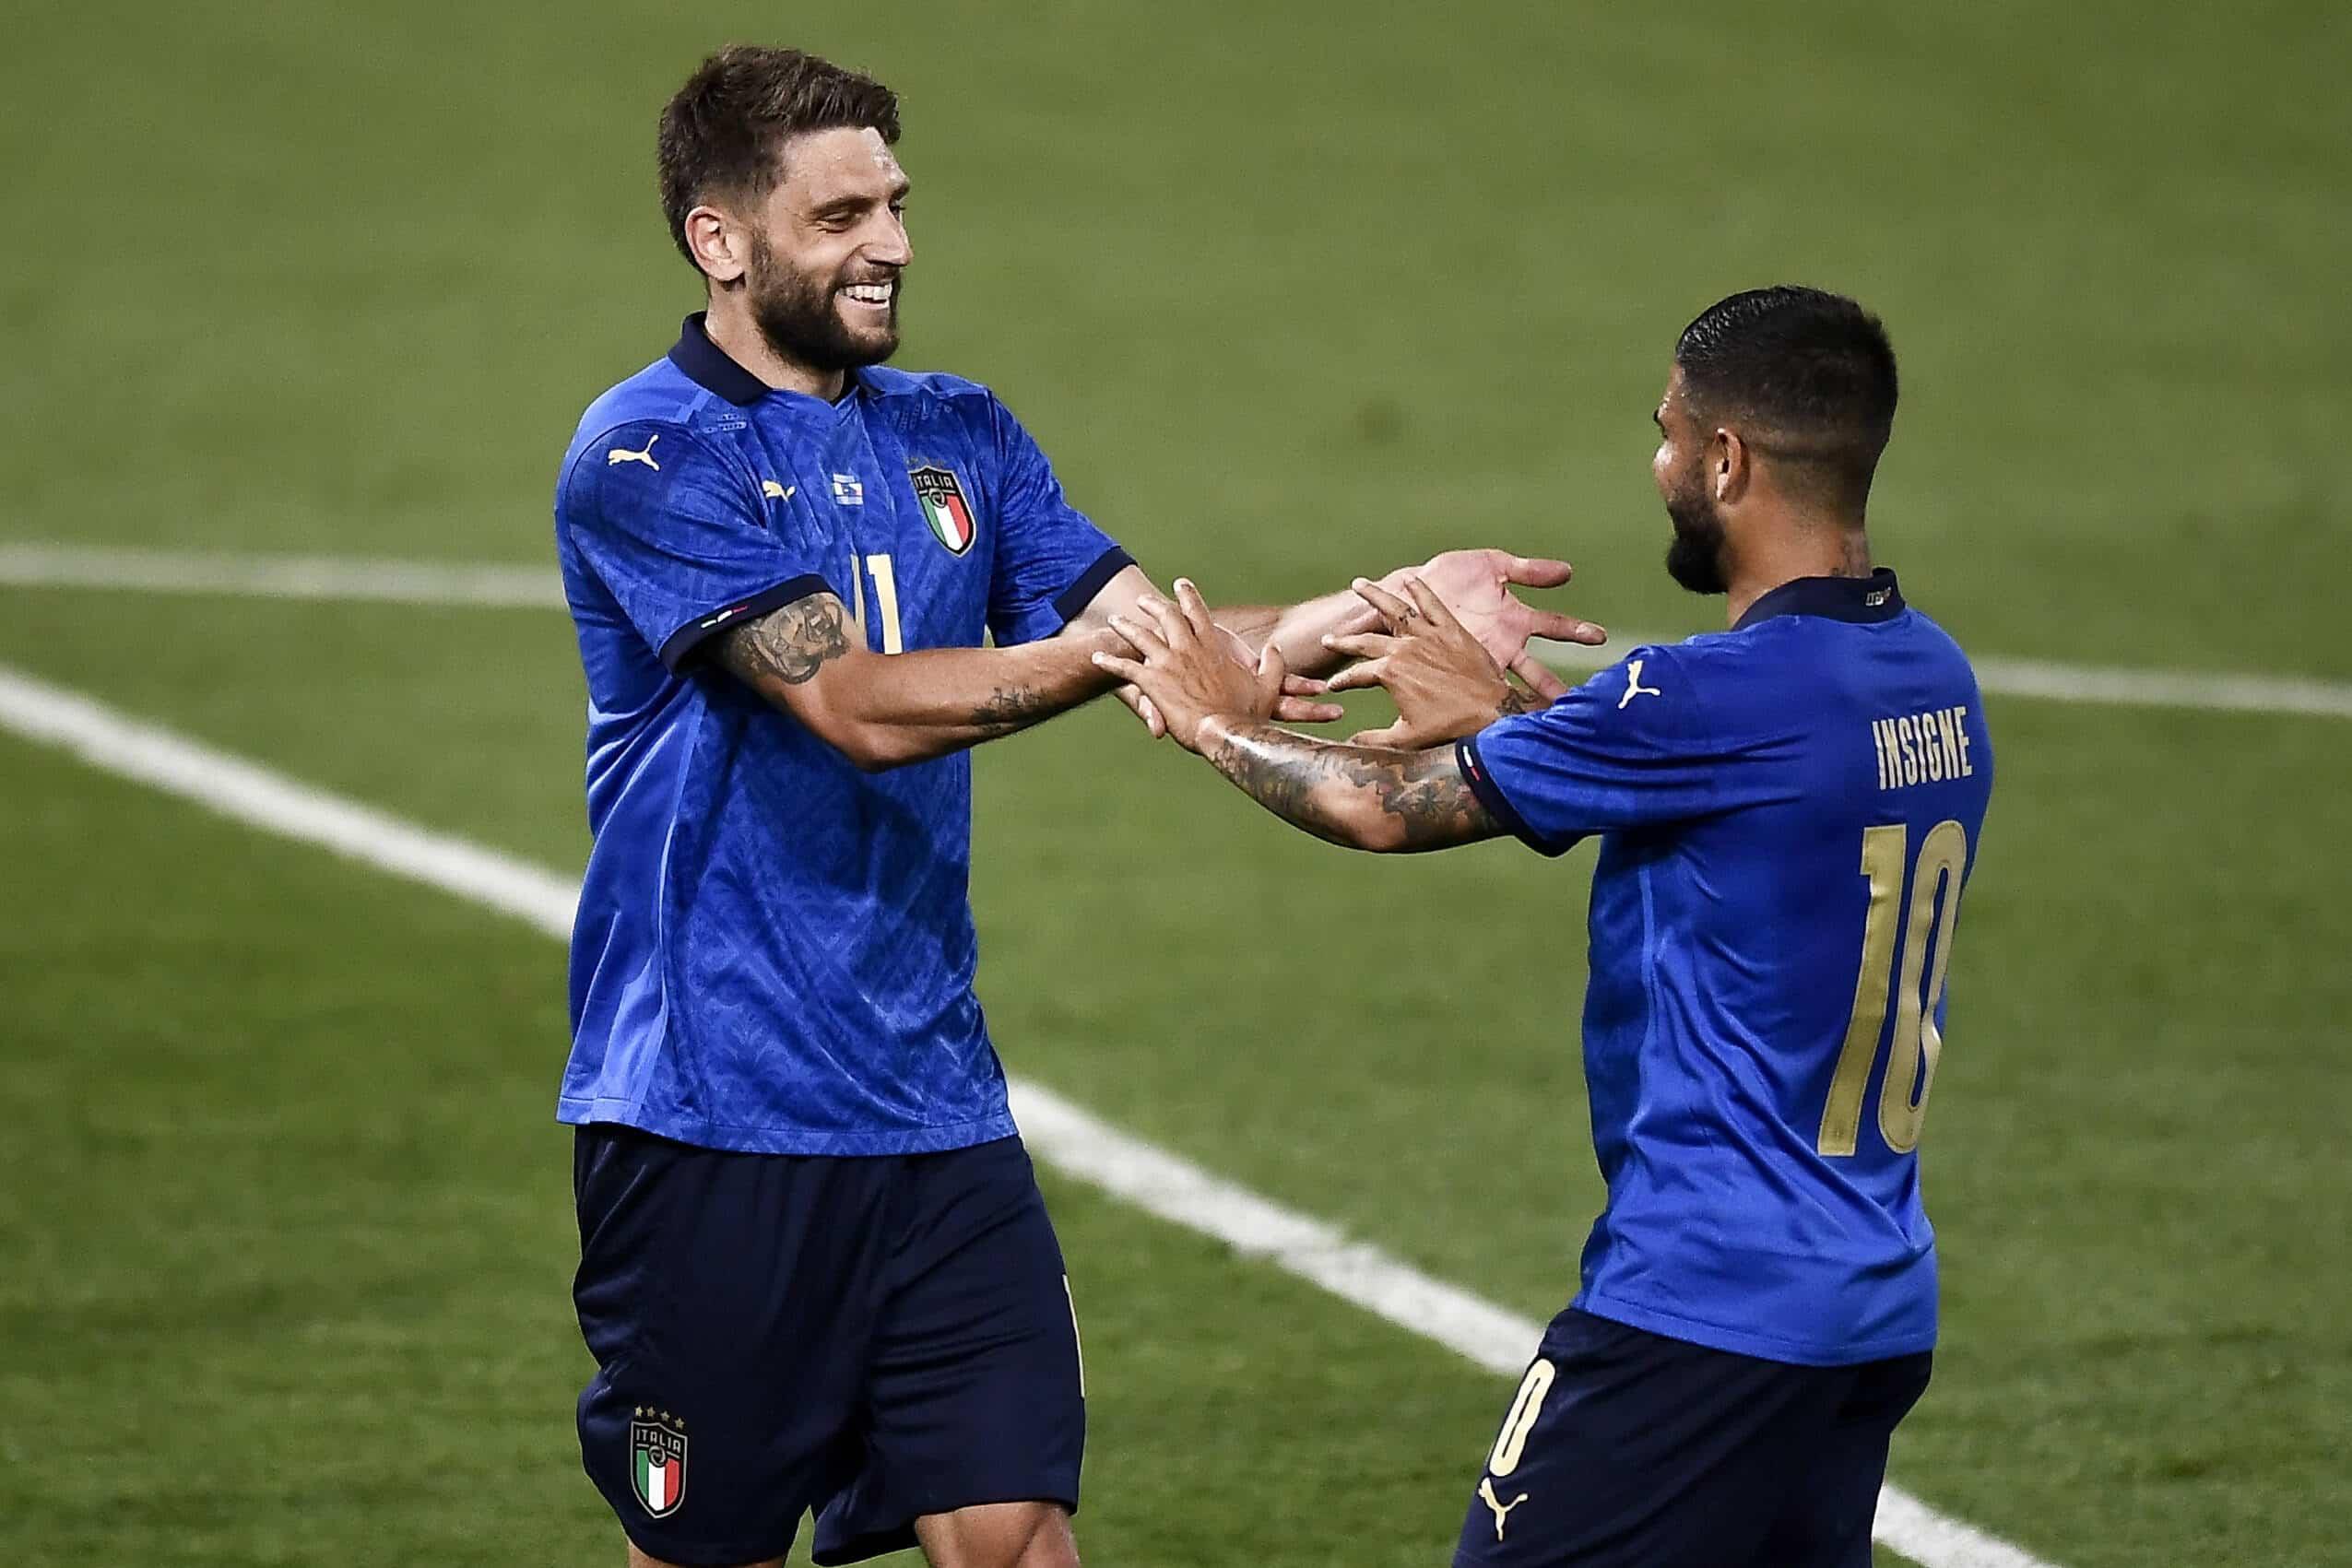 Italia in grande forma in vista degli Europei: 4-0 alla Repubblica Ceca